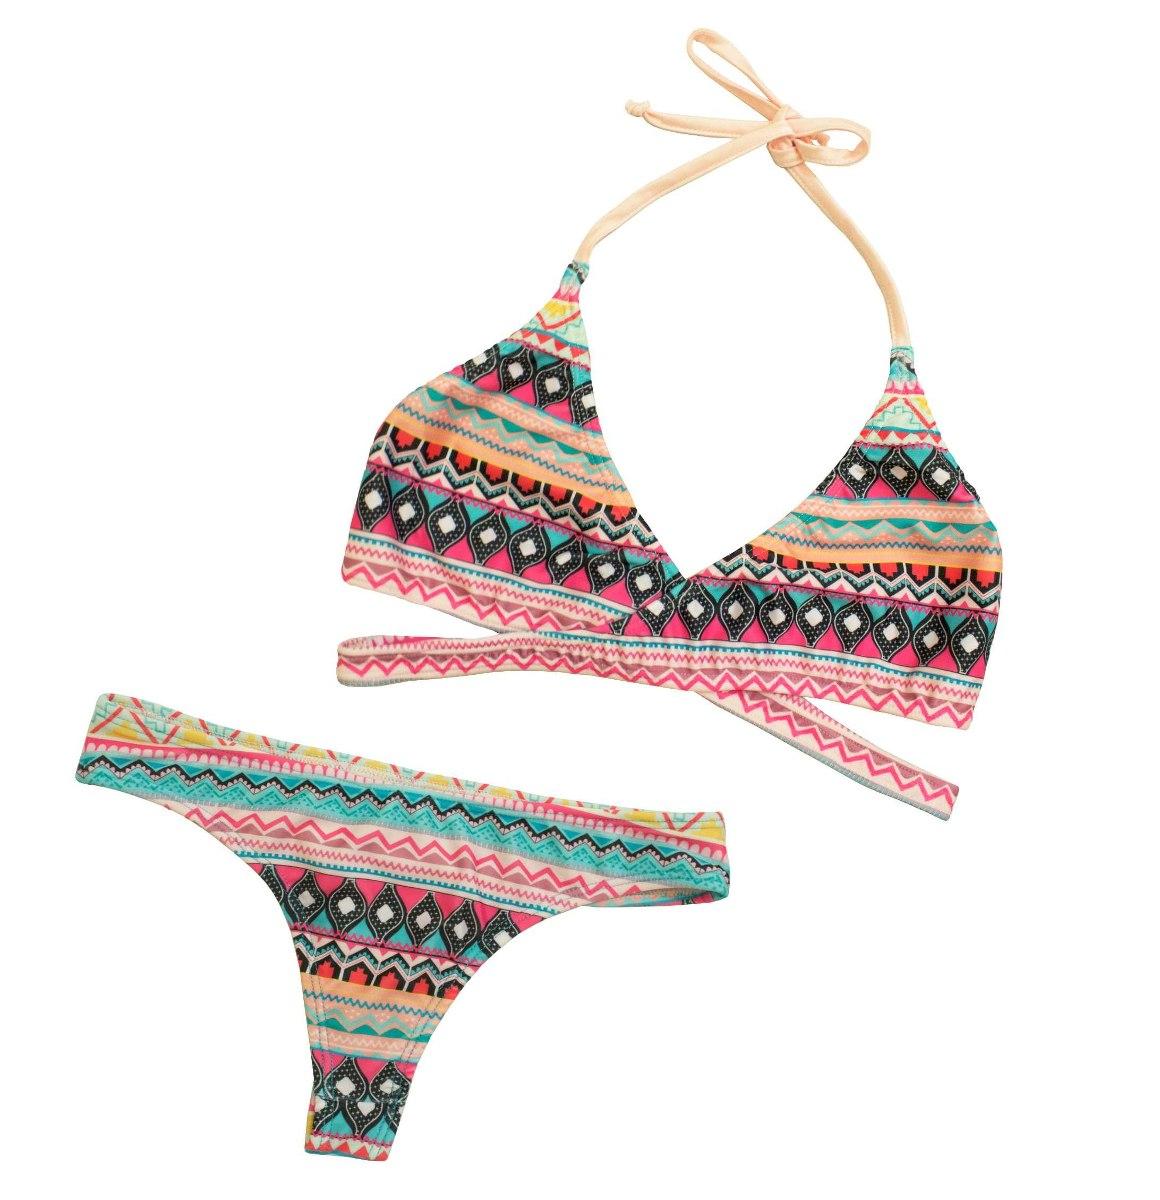 Bikini Cruzado Bikini Veive Triangulo Veive Triangulo Cruzado Cruzado Bikini Veive Triangulo HYD2E9WeIb